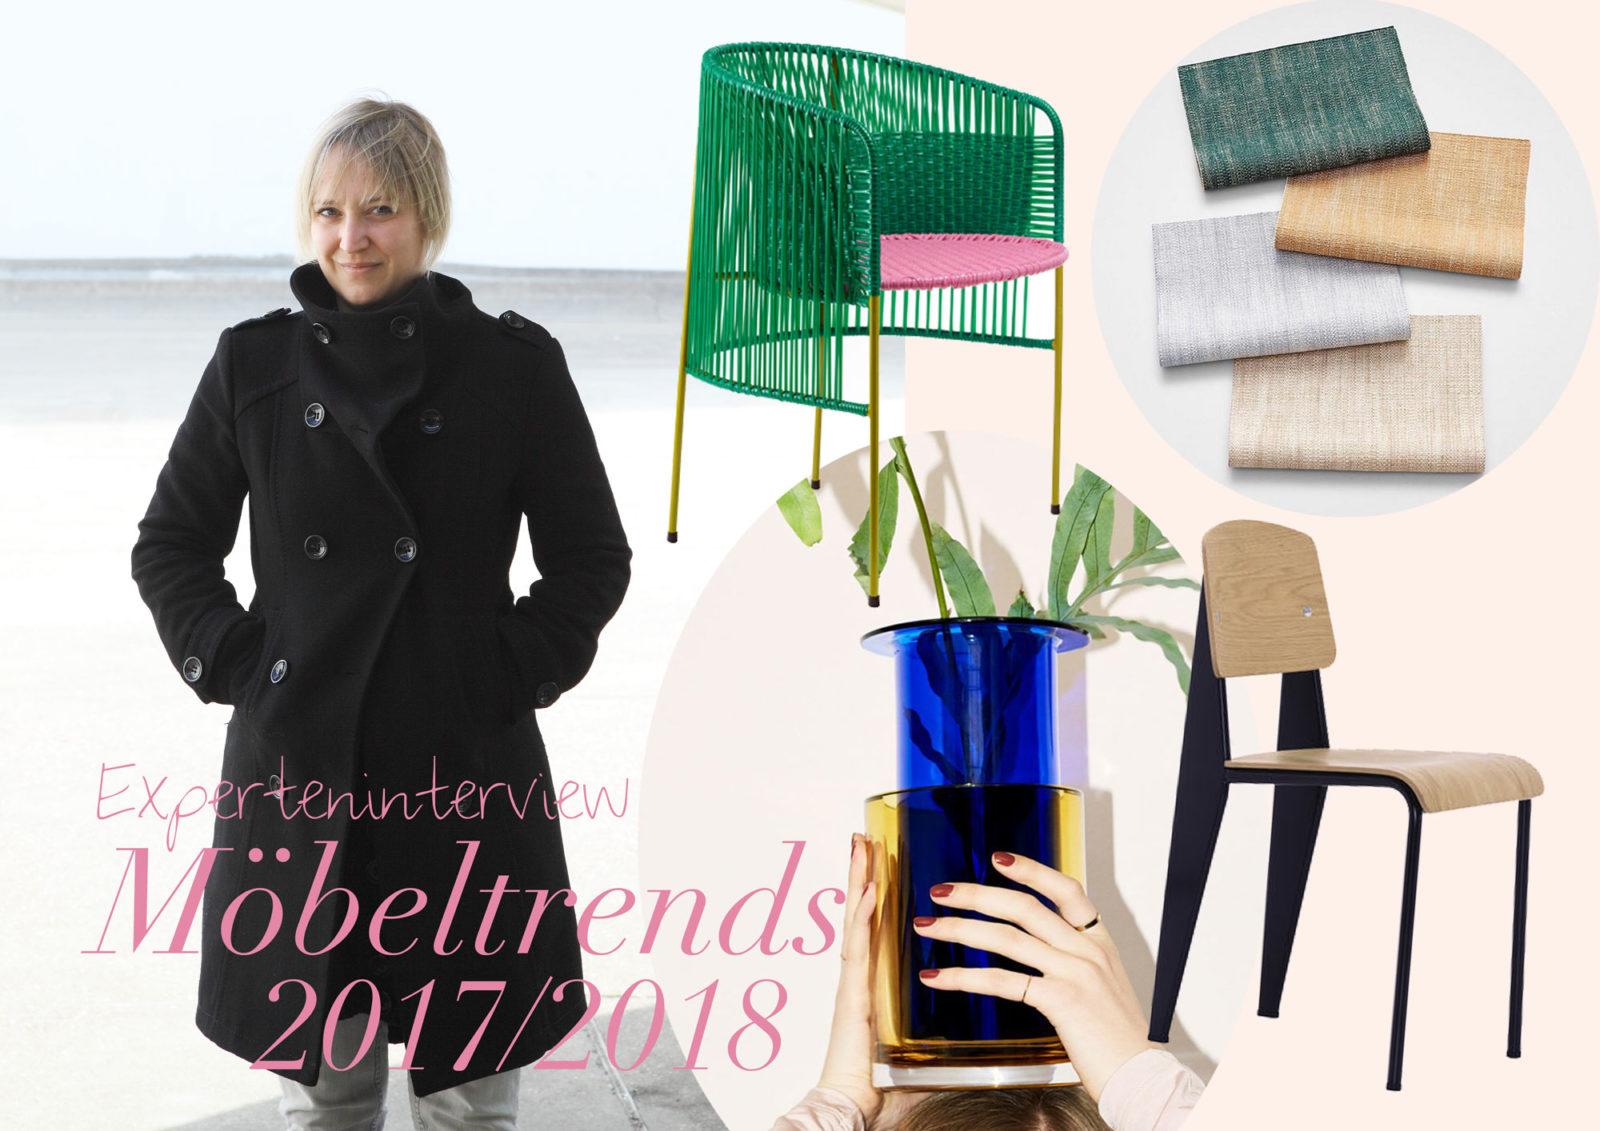 die m bel trends 2017 18 das wohndesign ist nicht so. Black Bedroom Furniture Sets. Home Design Ideas